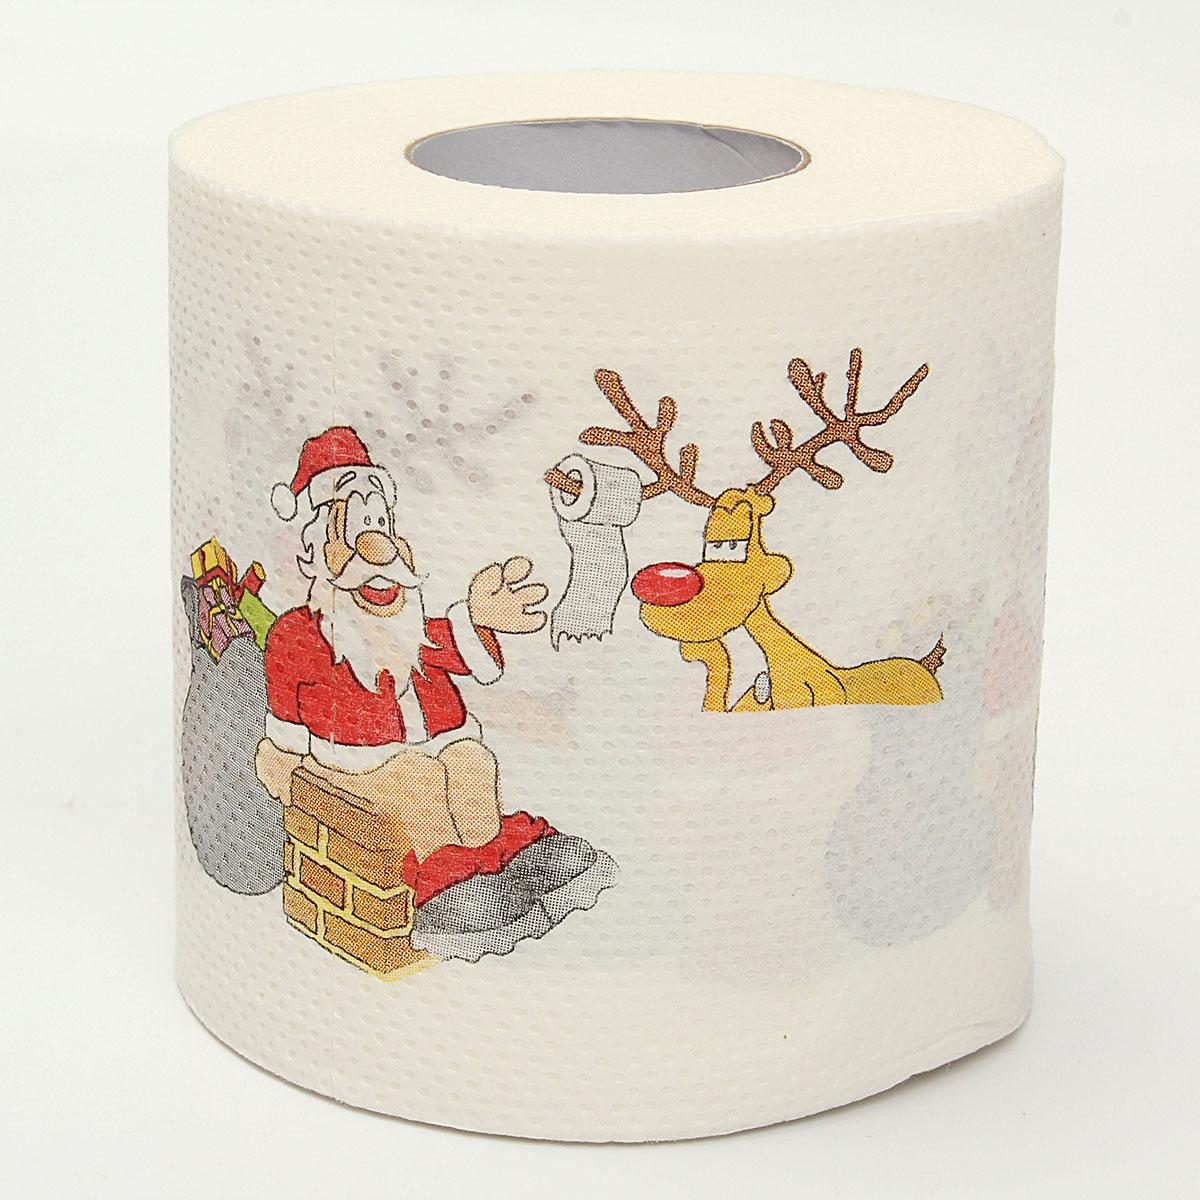 Dr le serviette papier toilette rouleaux deux couches p re no l impression achat vente - Pere noel rouleau papier wc ...